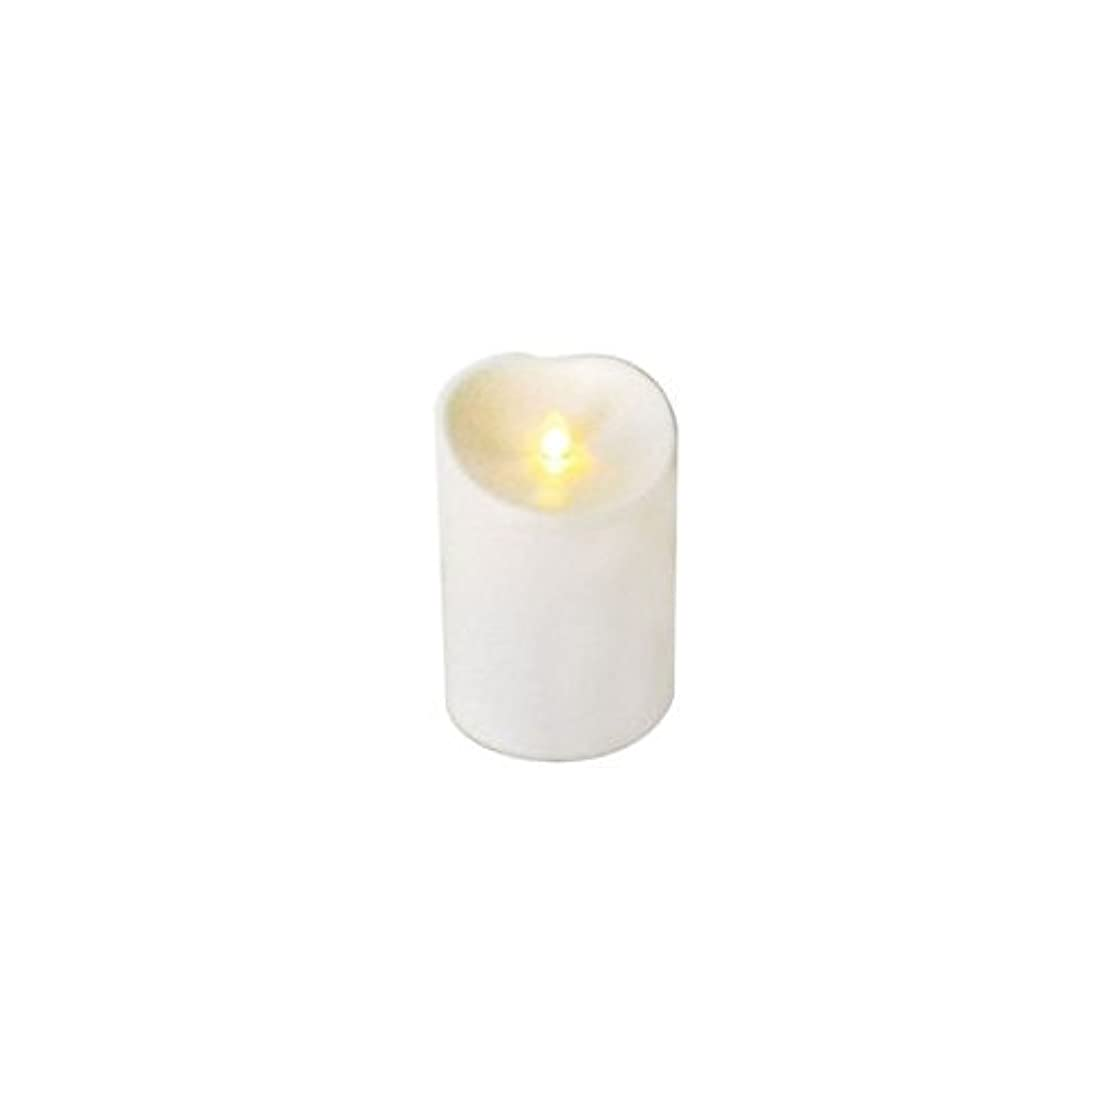 無駄な入場料レルムLUMINARA(ルミナラ)アウトドアピラー3.75×5 「 アイボリー 」 03050000